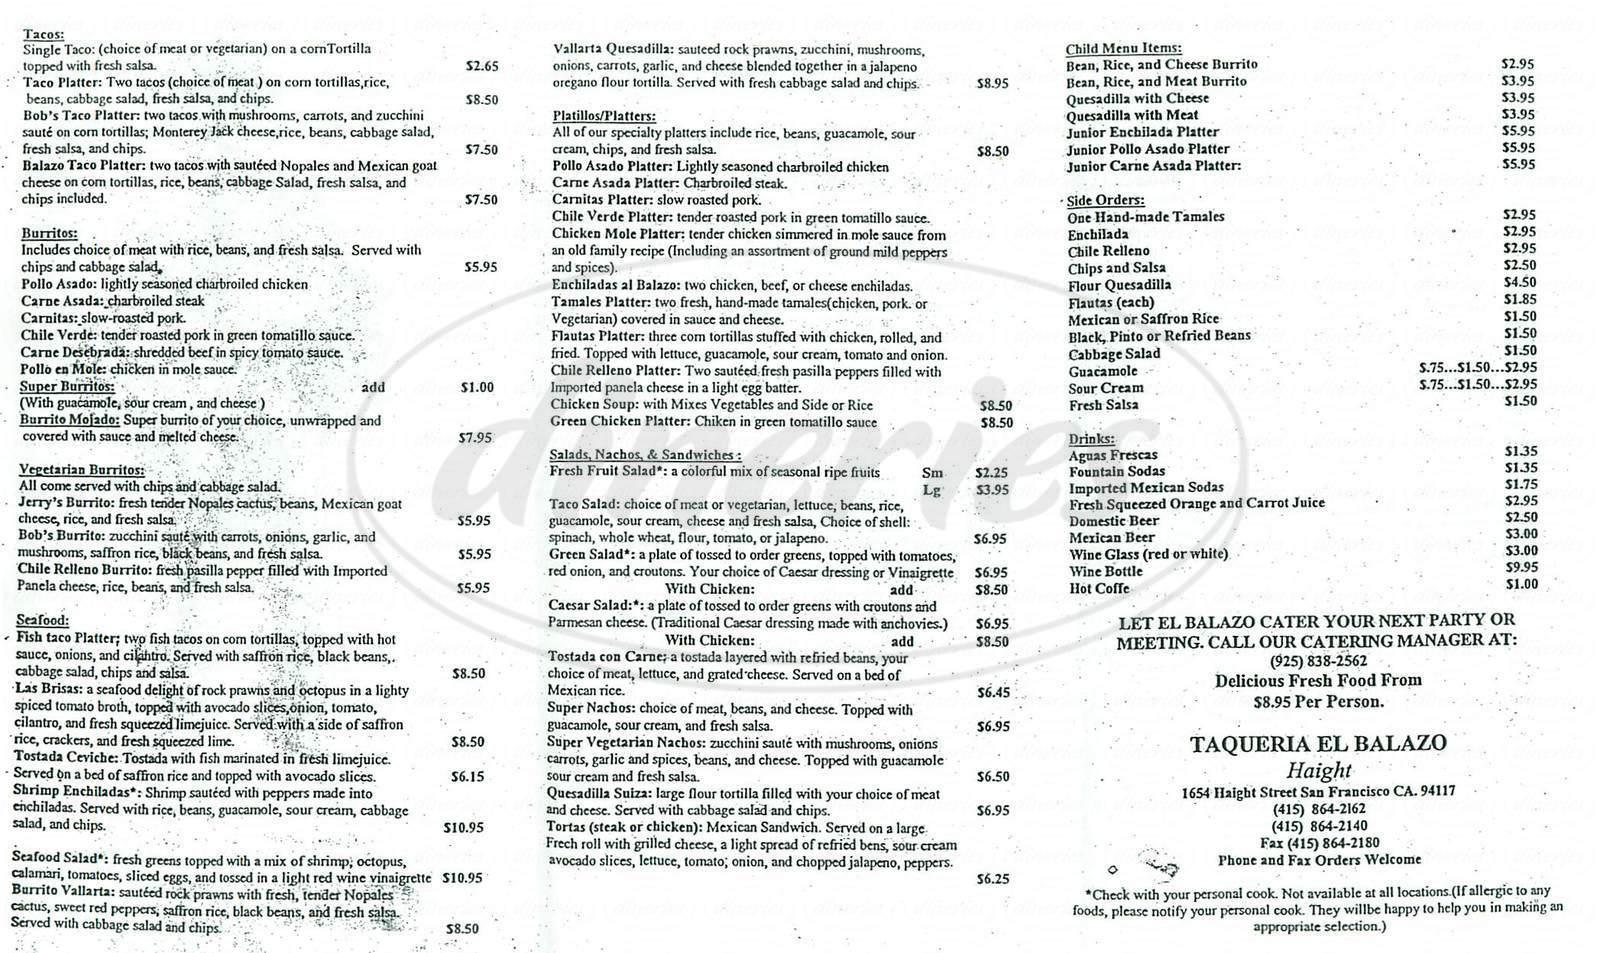 menu for El Balazo